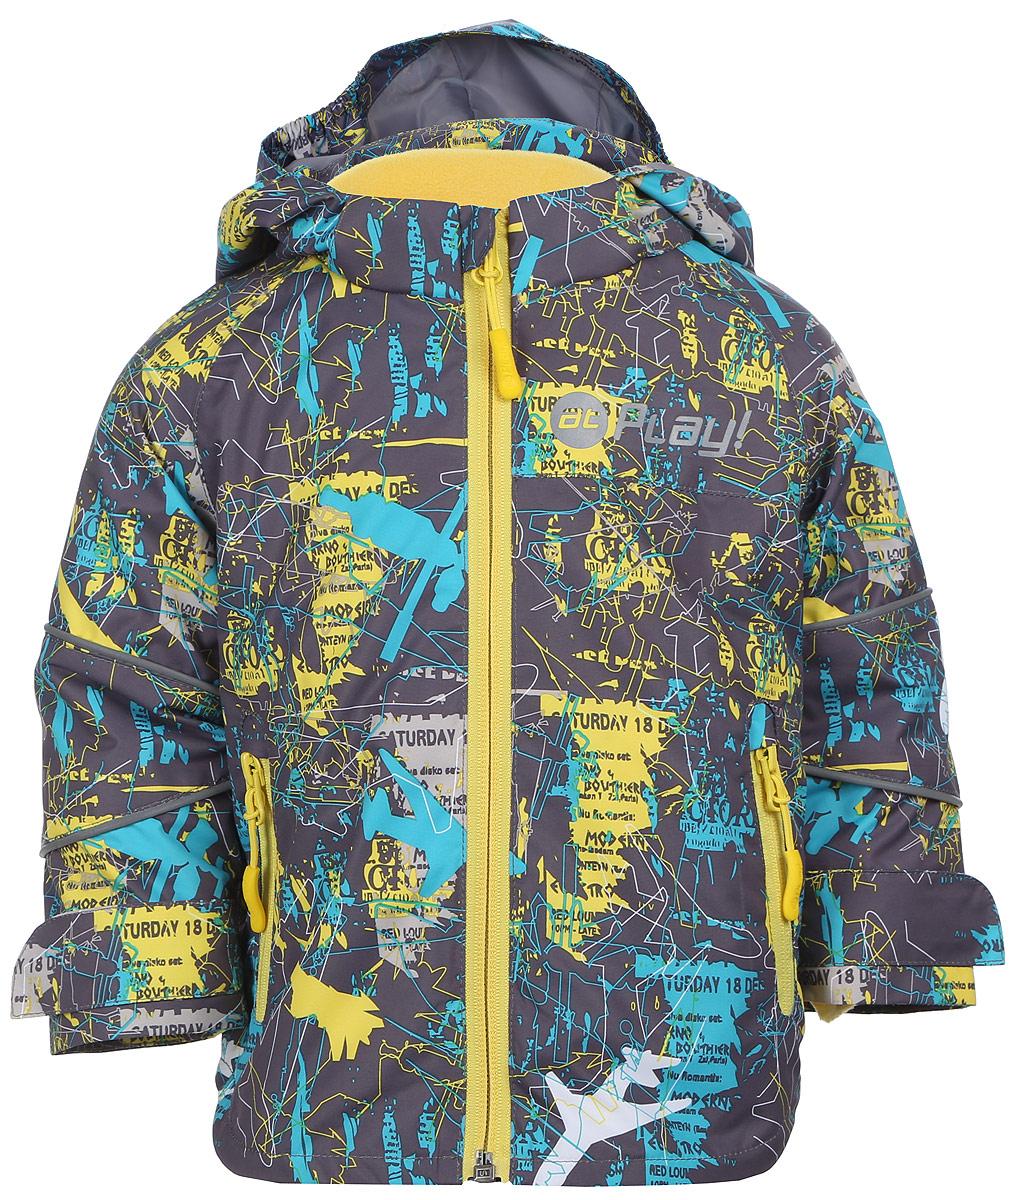 Куртка для мальчика atPlay!, цвет: серый, желтый. 2jk704. Размер 80, 1 год2jk704Удобная и комфортная куртка для мальчика atPlay! выполнена из качественного полиэстера, с покрытием Teflon от DuPont, которое облегчает уход за этой одеждой. Дышащая способность: 5000г/м и водонепроницаемость куртки: 5000мм. Куртка 2 в 1 с отстегивающейся флисовой поддевкой-кофточкой из материала Polar fleese, которая служит как утеплитель, а также ее можно носить отдельно. Такая кофточка отличное решение для весеннего периода, к тому же она изготовлена с антипиллинговой обработкой ворса для сохранения качественных характеристик на более длительный срок. Куртка с воротником-стойкой и отстегивающимся капюшоном застегивается на молнию с защитой подбородка. Манжеты рукавов дополнены широкими утягивающими хлястиками на липучках. Спереди модель оформлена двумя прорезными карманами на застежках-молниях, с внутренней стороны на поддевке-кофточке расположены два накладных кармана.Куртка оснащена светоотражающими полосками на рукавах и оформлена стильным принтом.